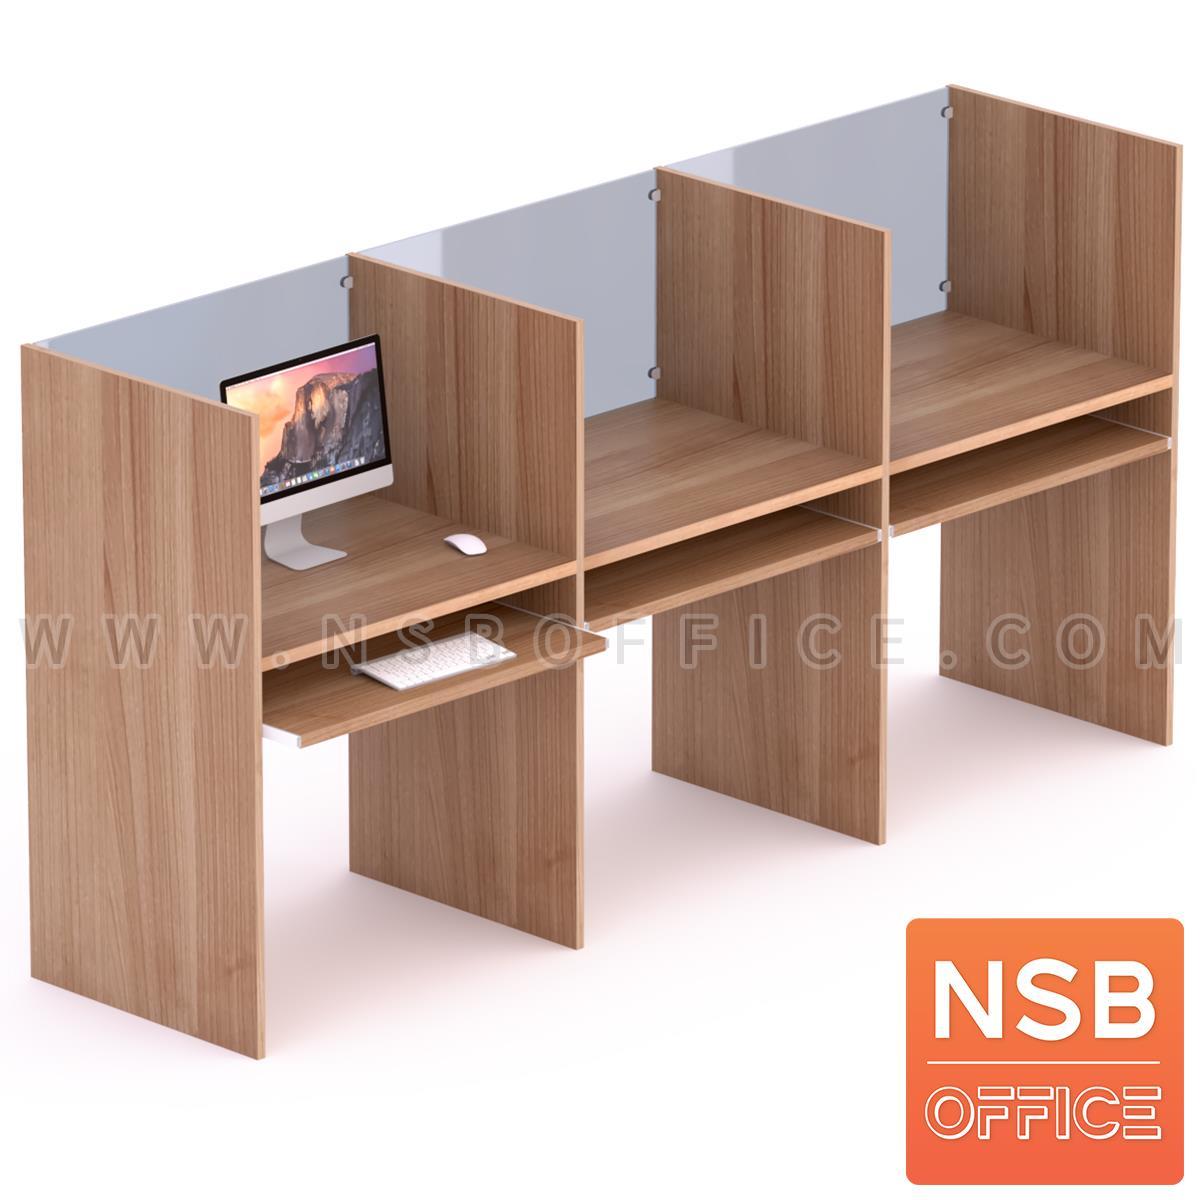 A04A165:โต๊ะ call center แถวเรียงเดี่ยว   สำหรับ 2, 3, 4, 5 ที่นั่ง ขนาด 80W cm. ต่อที่นั่ง